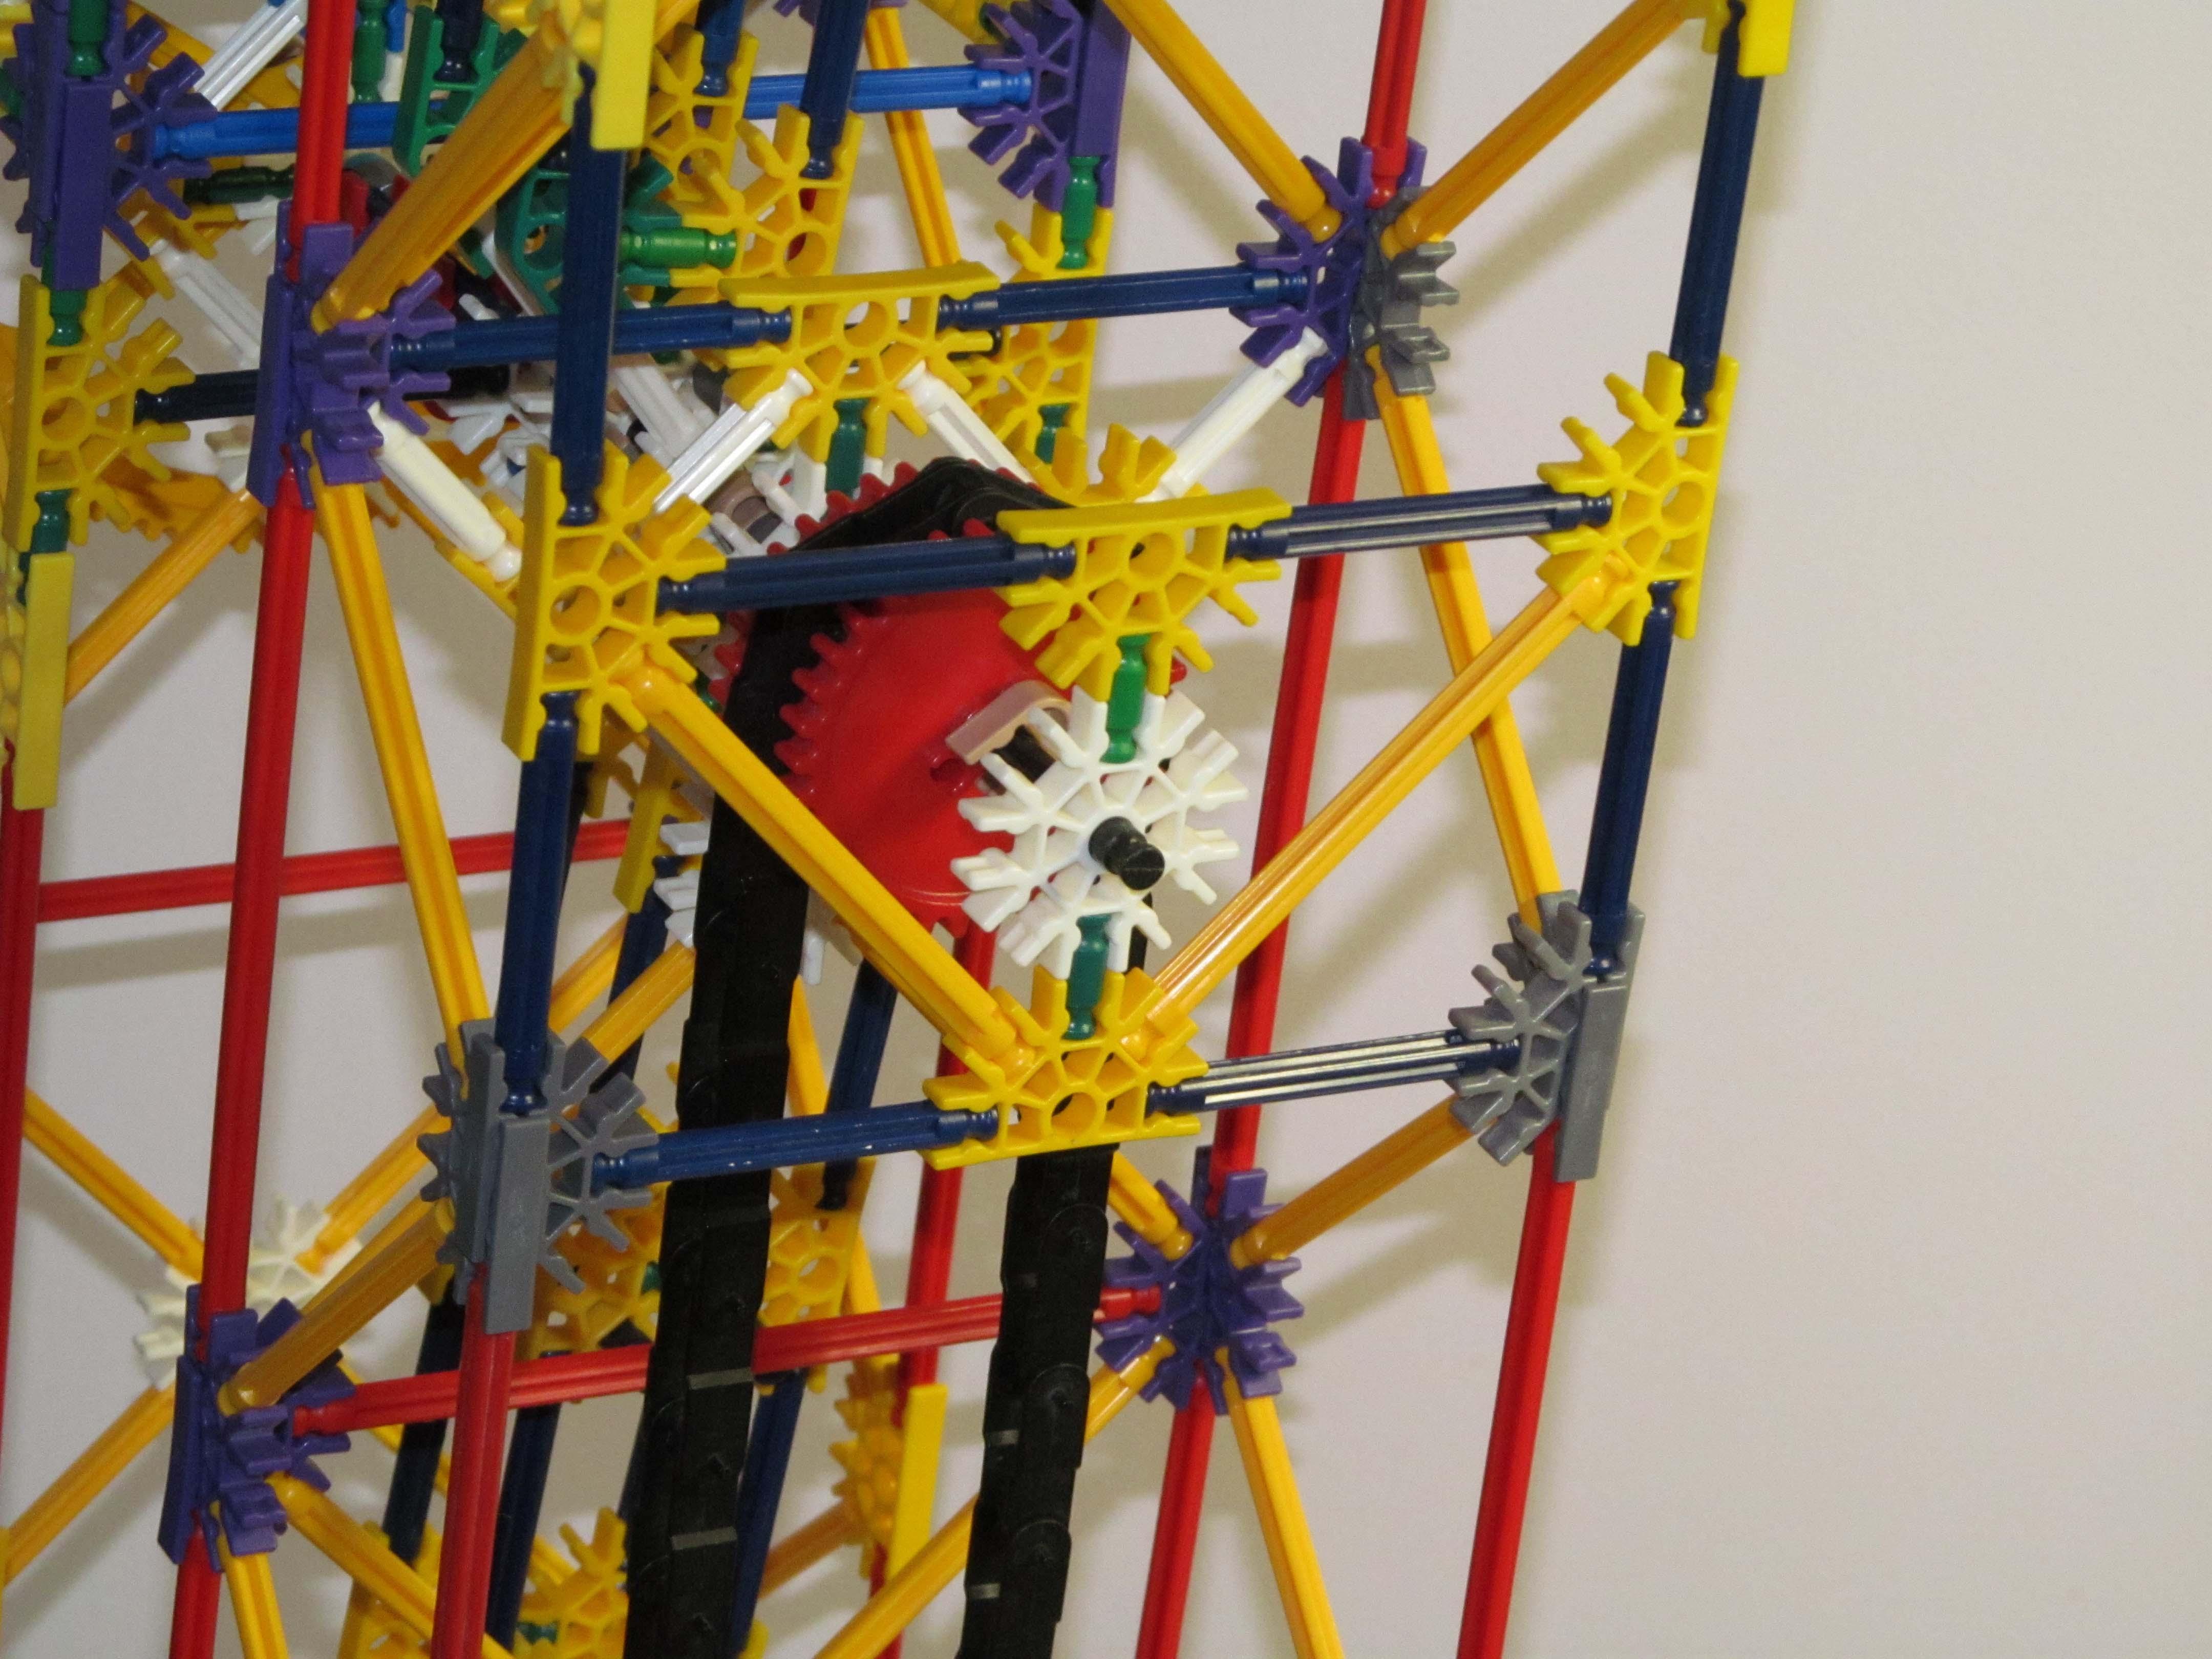 Short Start Arm Lift: a K'nex Ball Machine Lift